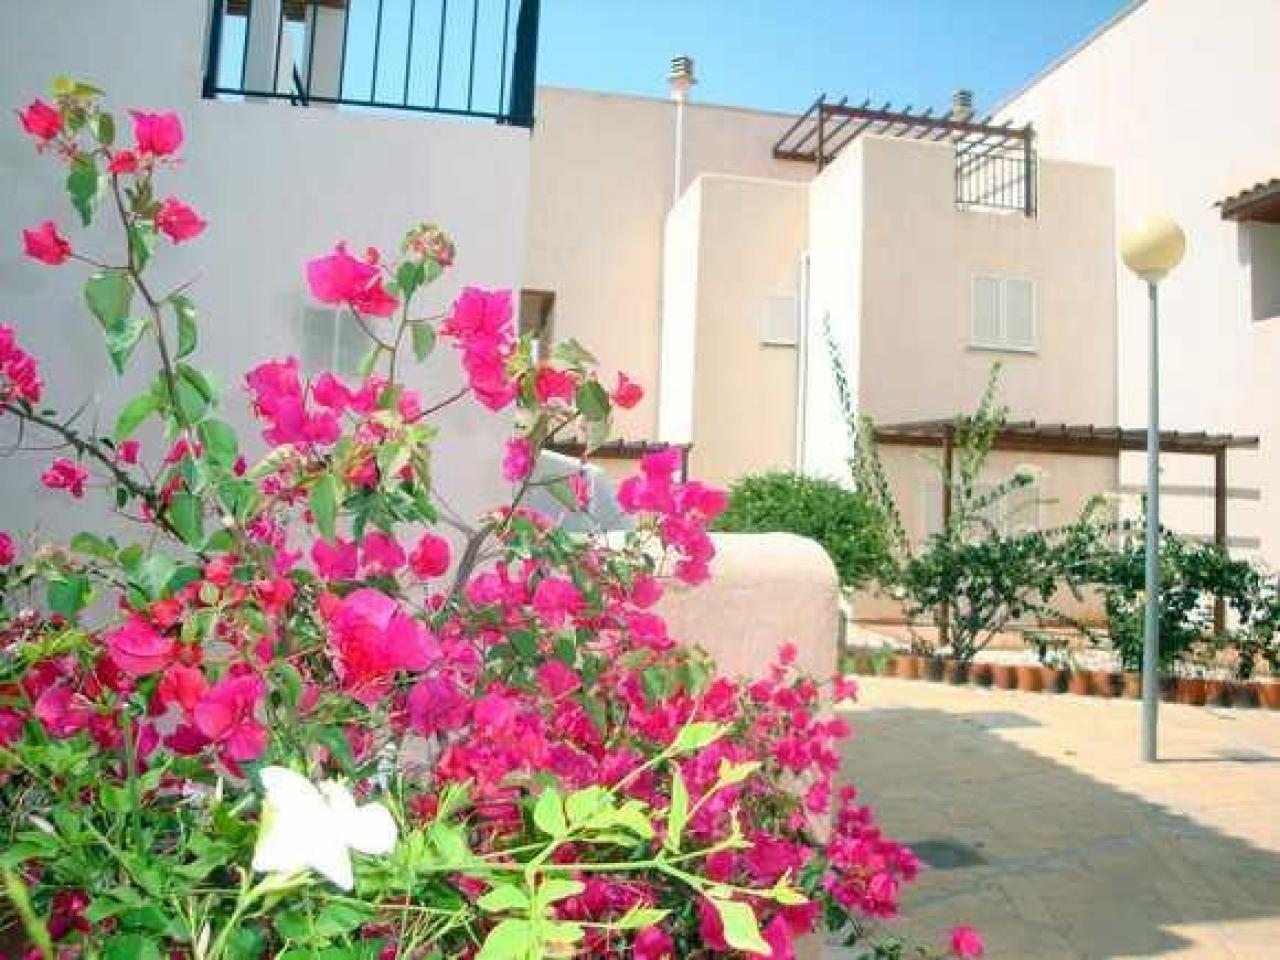 Alquiler vacaciones en Vera, Almería